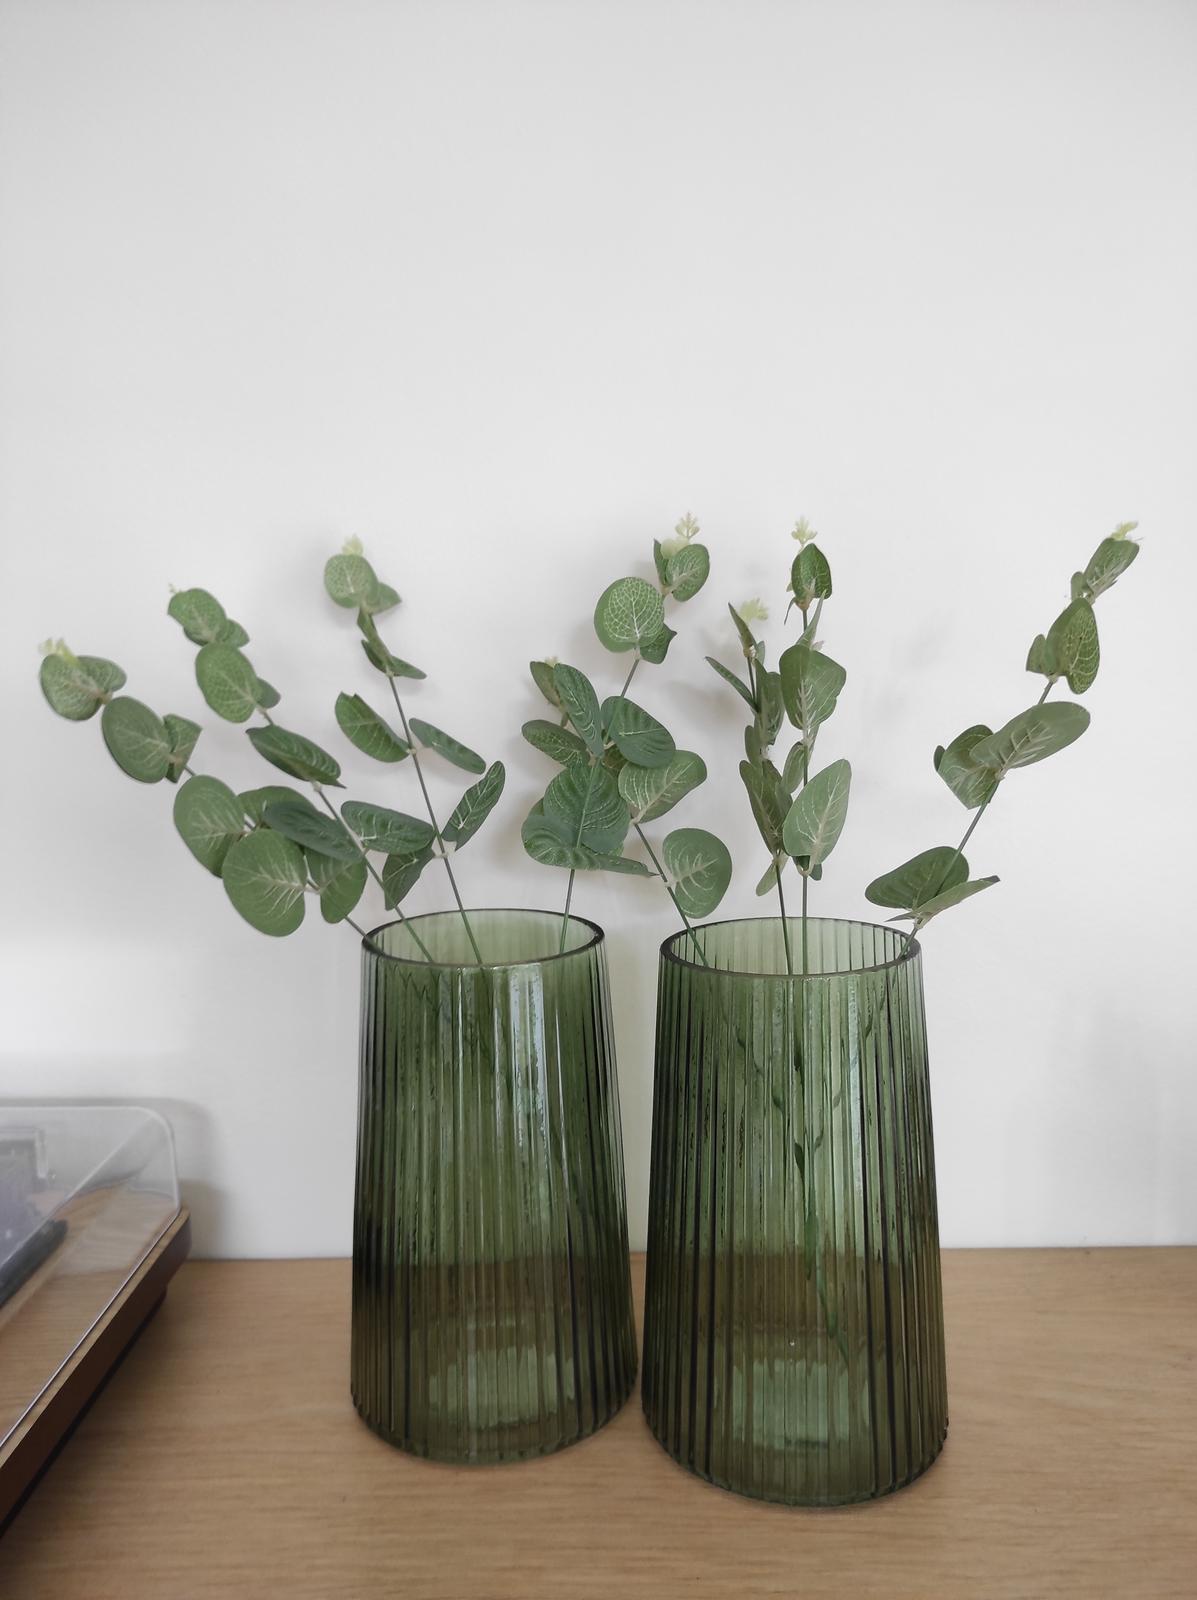 2ks zelené skleněné vázy - Obrázek č. 1